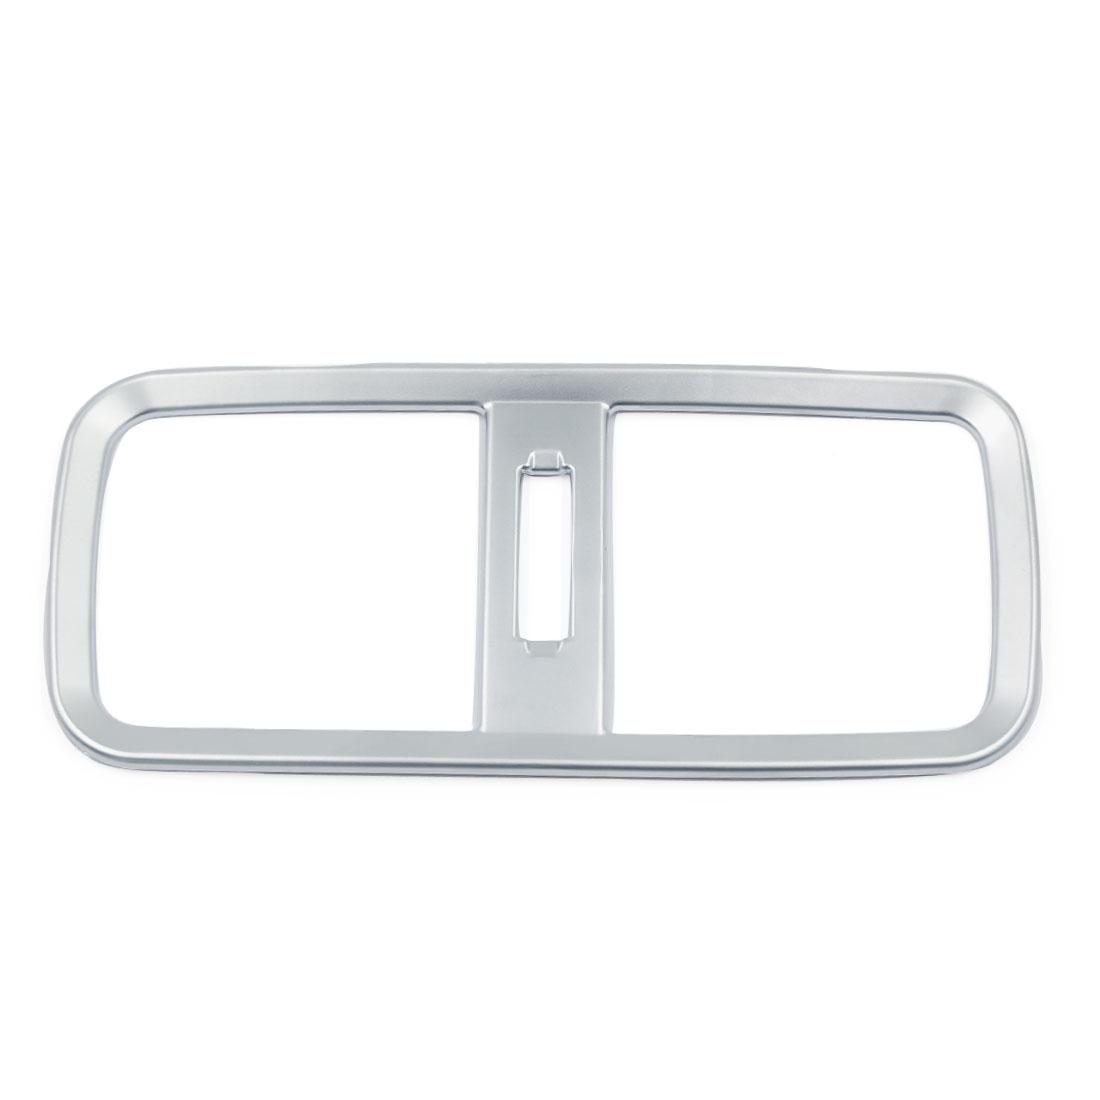 ABS Chrome Rear Air Condition Vents Frame Cover Trim for Honda CRV CR-V 2015